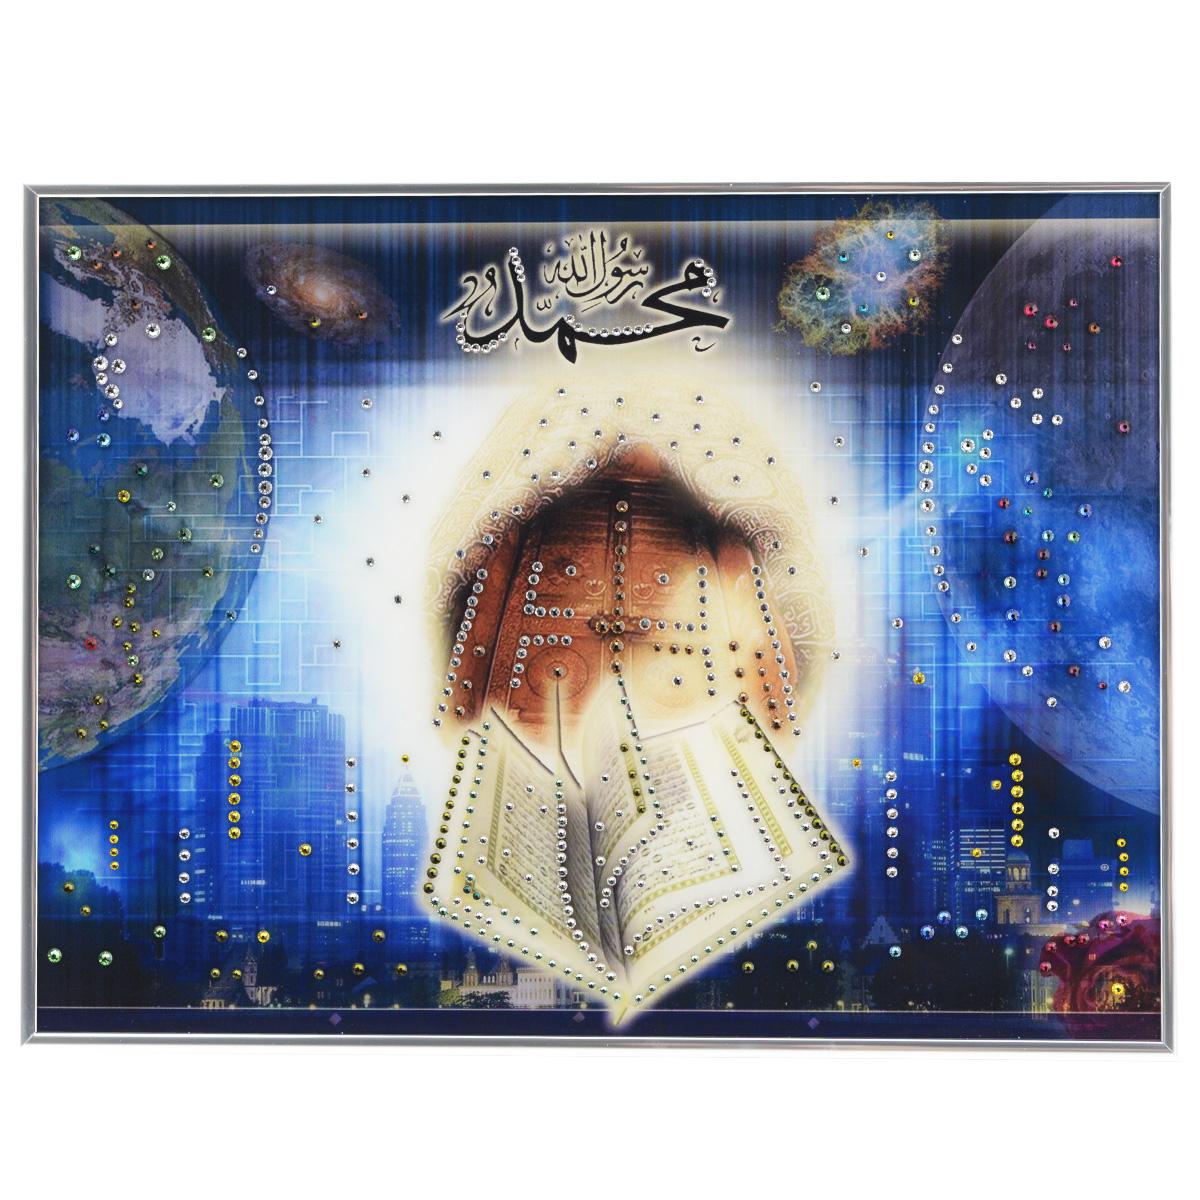 Картина с кристаллами Swarovski Книга Аллаха, 40 см х 30 см12723Изящная картина в металлической раме, инкрустирована кристаллами Swarovski, которые отличаются четкой и ровной огранкой, ярким блеском и чистотой цвета. Красочное изображение книги Аллаха, расположенное под стеклом, прекрасно дополняет блеск кристаллов. С обратной стороны имеется металлическая петелька для размещения картины на стене. Картина с кристаллами Swarovski Книга Аллаха элегантно украсит интерьер дома или офиса, а также станет прекрасным подарком, который обязательно понравится получателю. Блеск кристаллов в интерьере, что может быть сказочнее и удивительнее. Картина упакована в подарочную картонную коробку синего цвета и комплектуется сертификатом соответствия Swarovski.